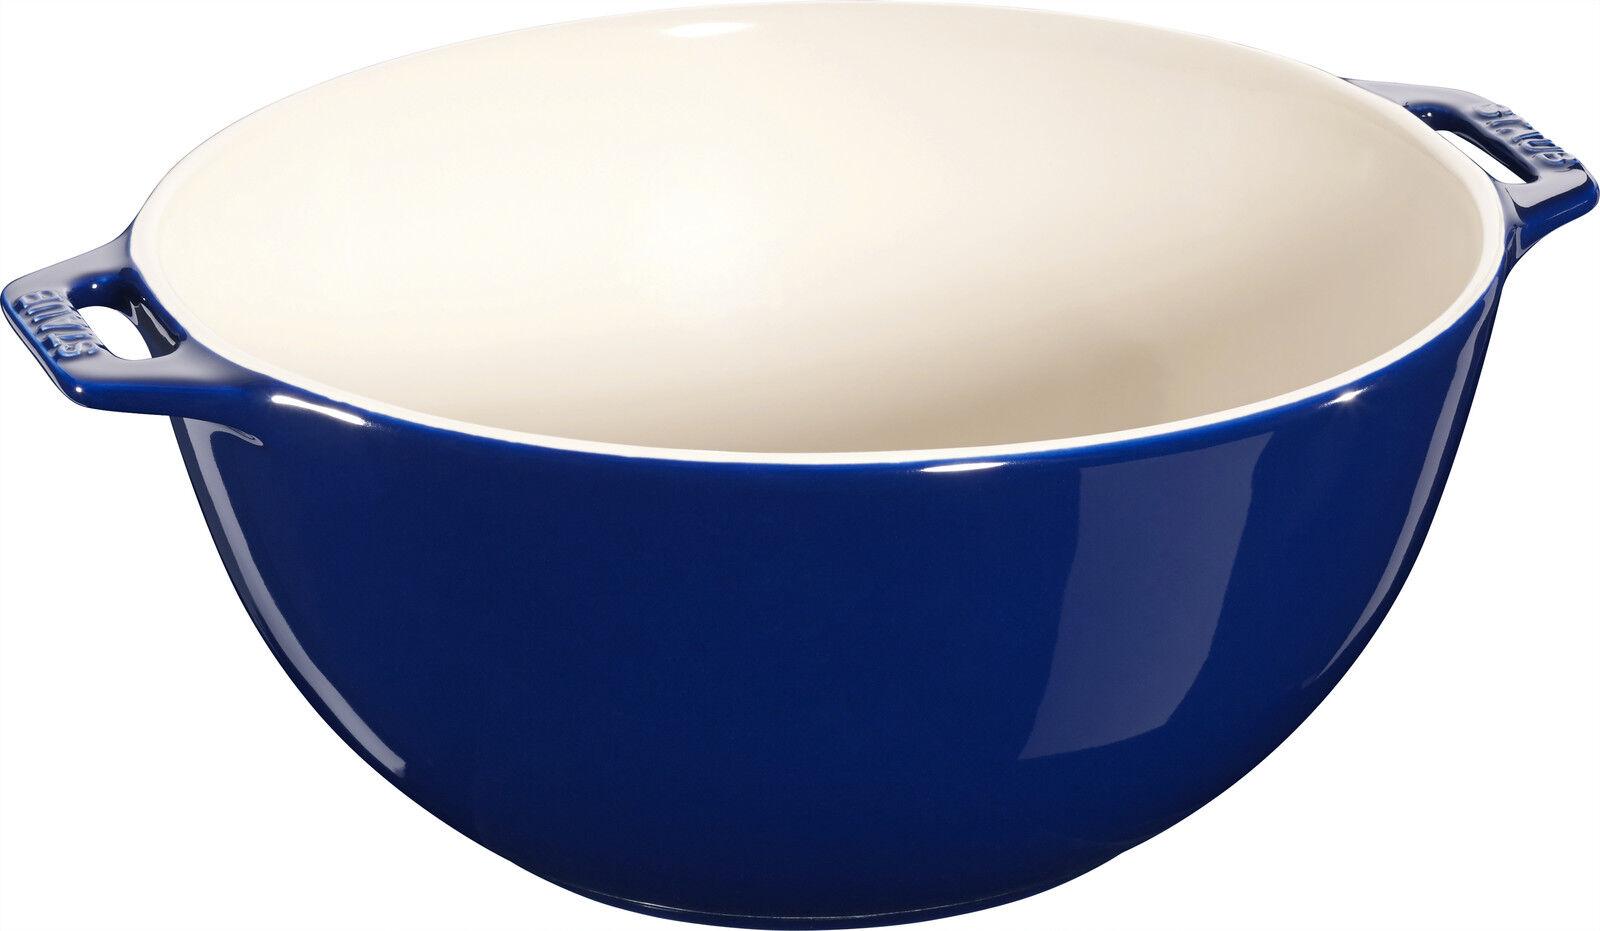 STAUB Céramique Bol de salade Saladier Panier de Fruits Bol rond bleu foncé 25 c